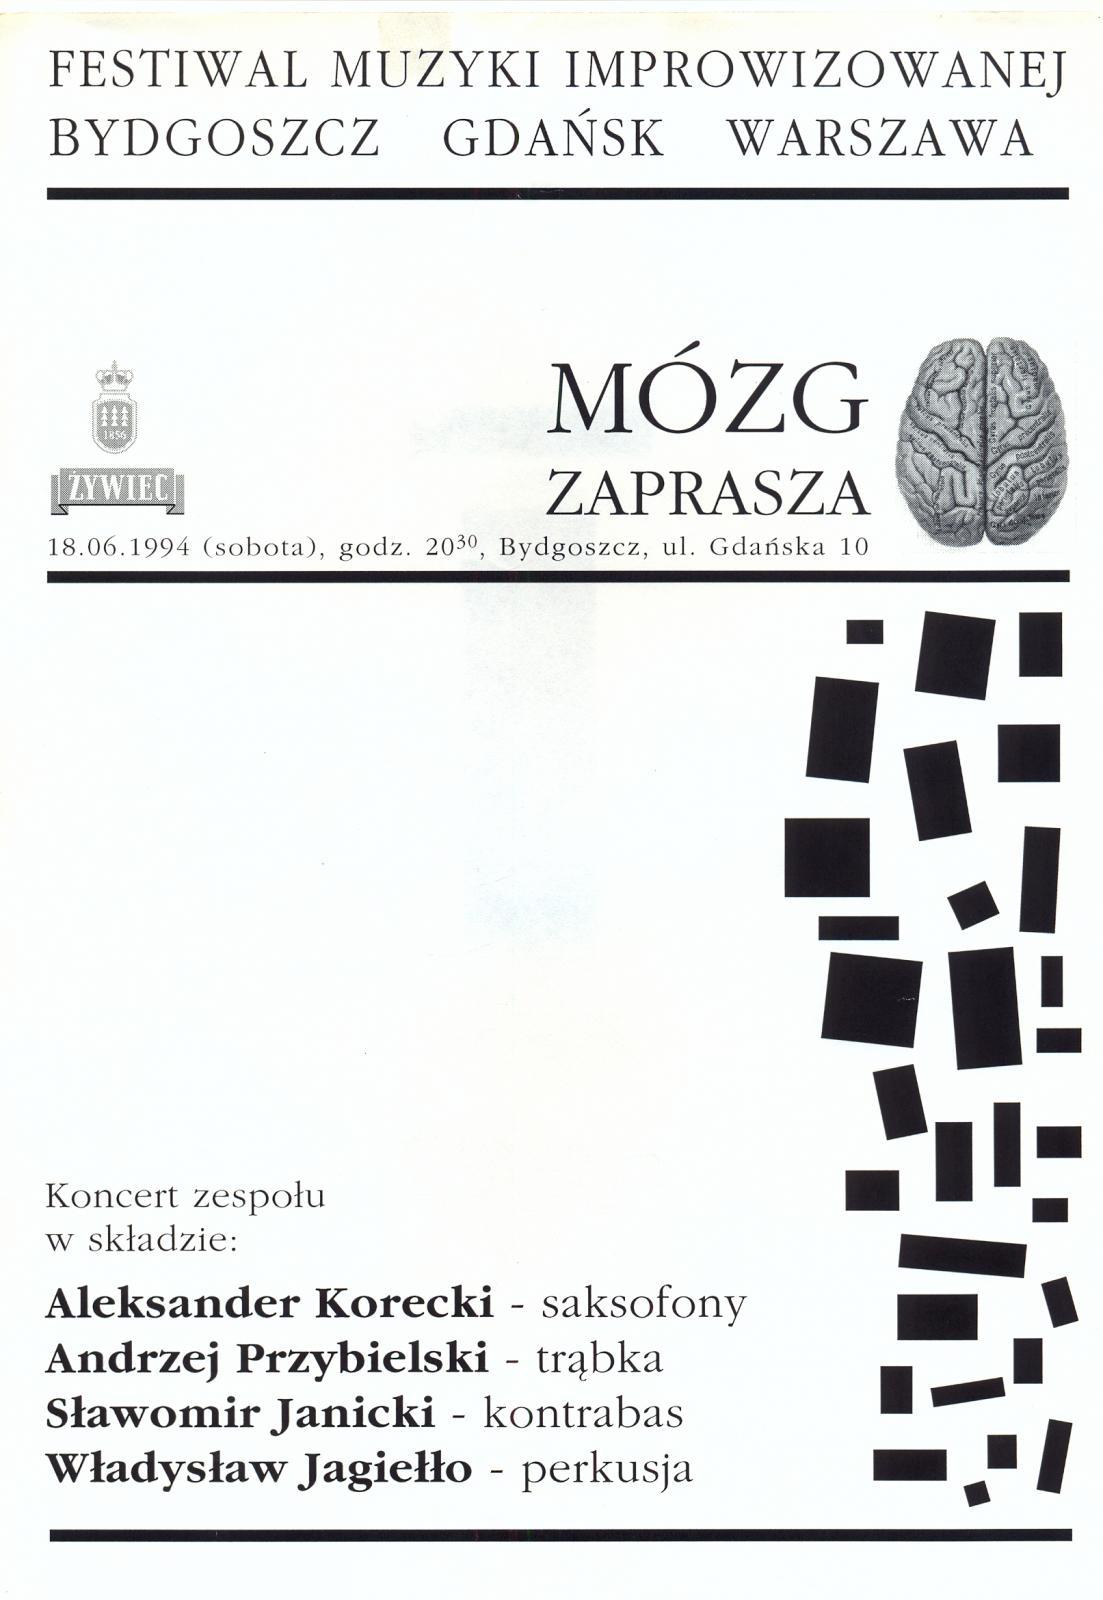 Aleksander Korecki / Andrzej Przybielski / Sławek Janicki / Władysław Jagiełło